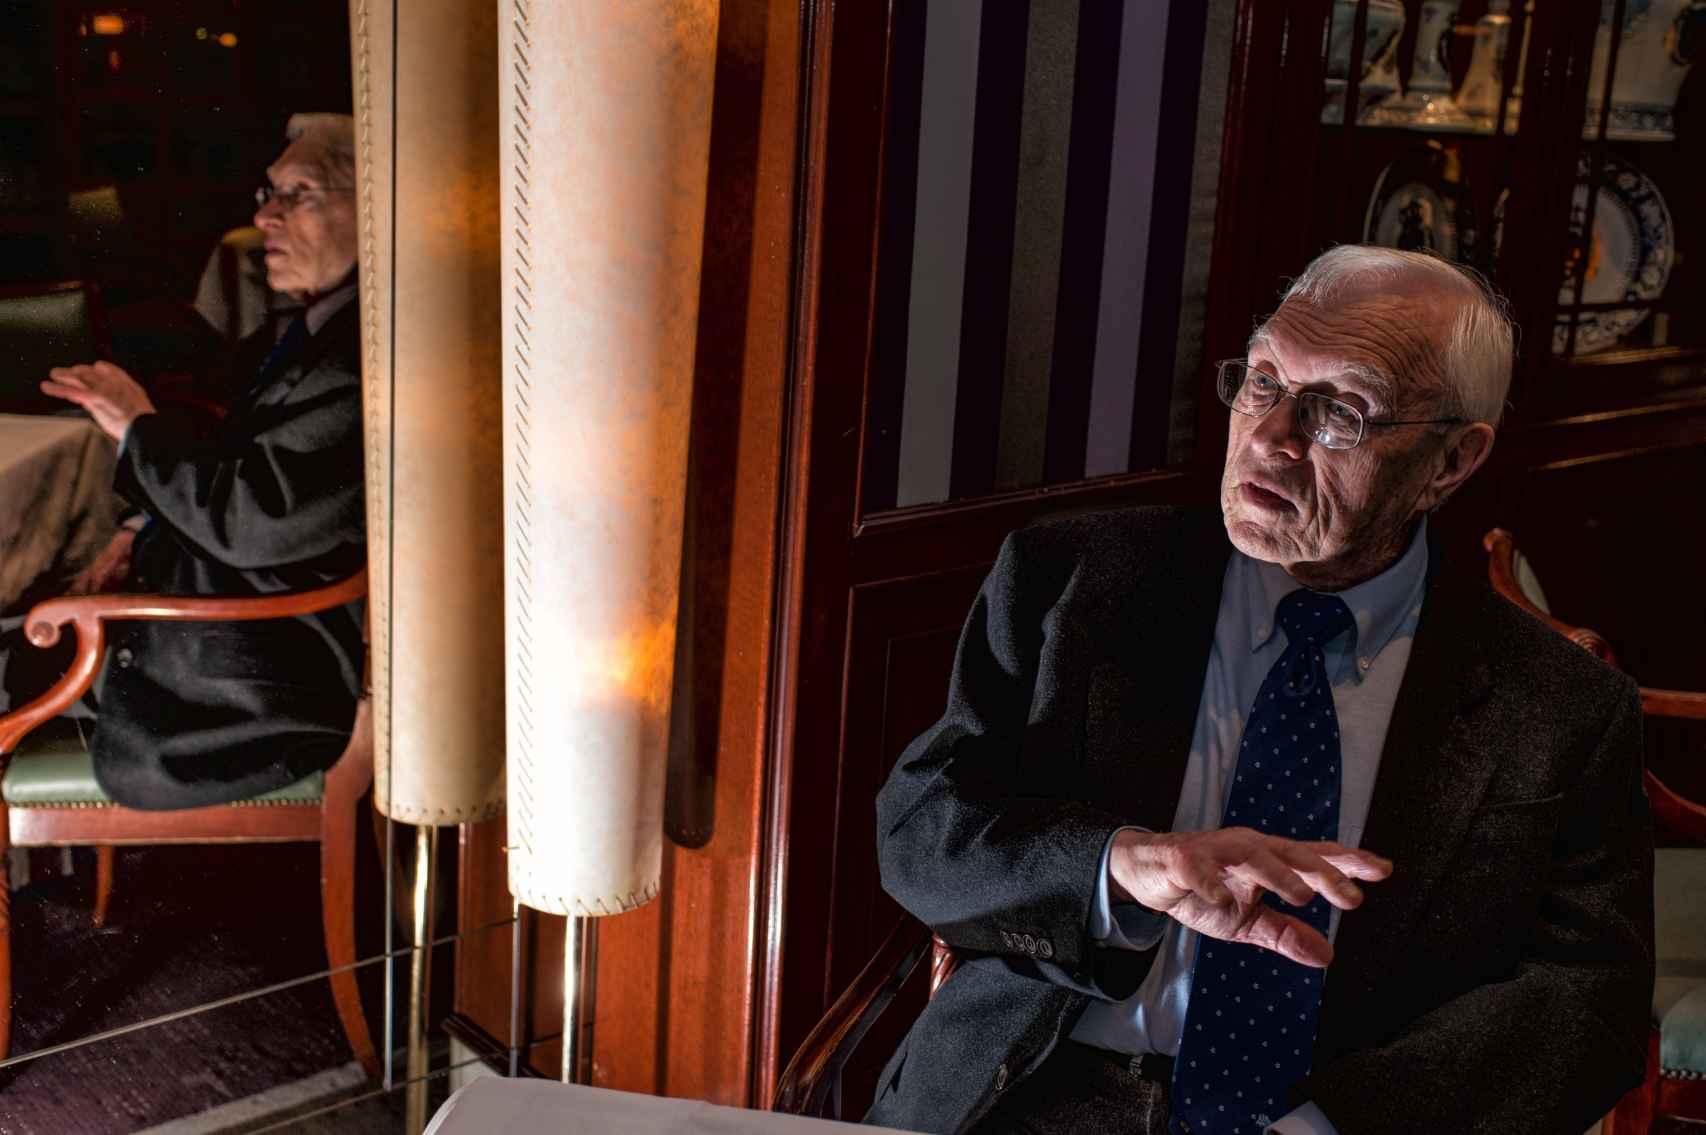 El catedrático asegura que España tiene una visión muy negativa de su pasado.